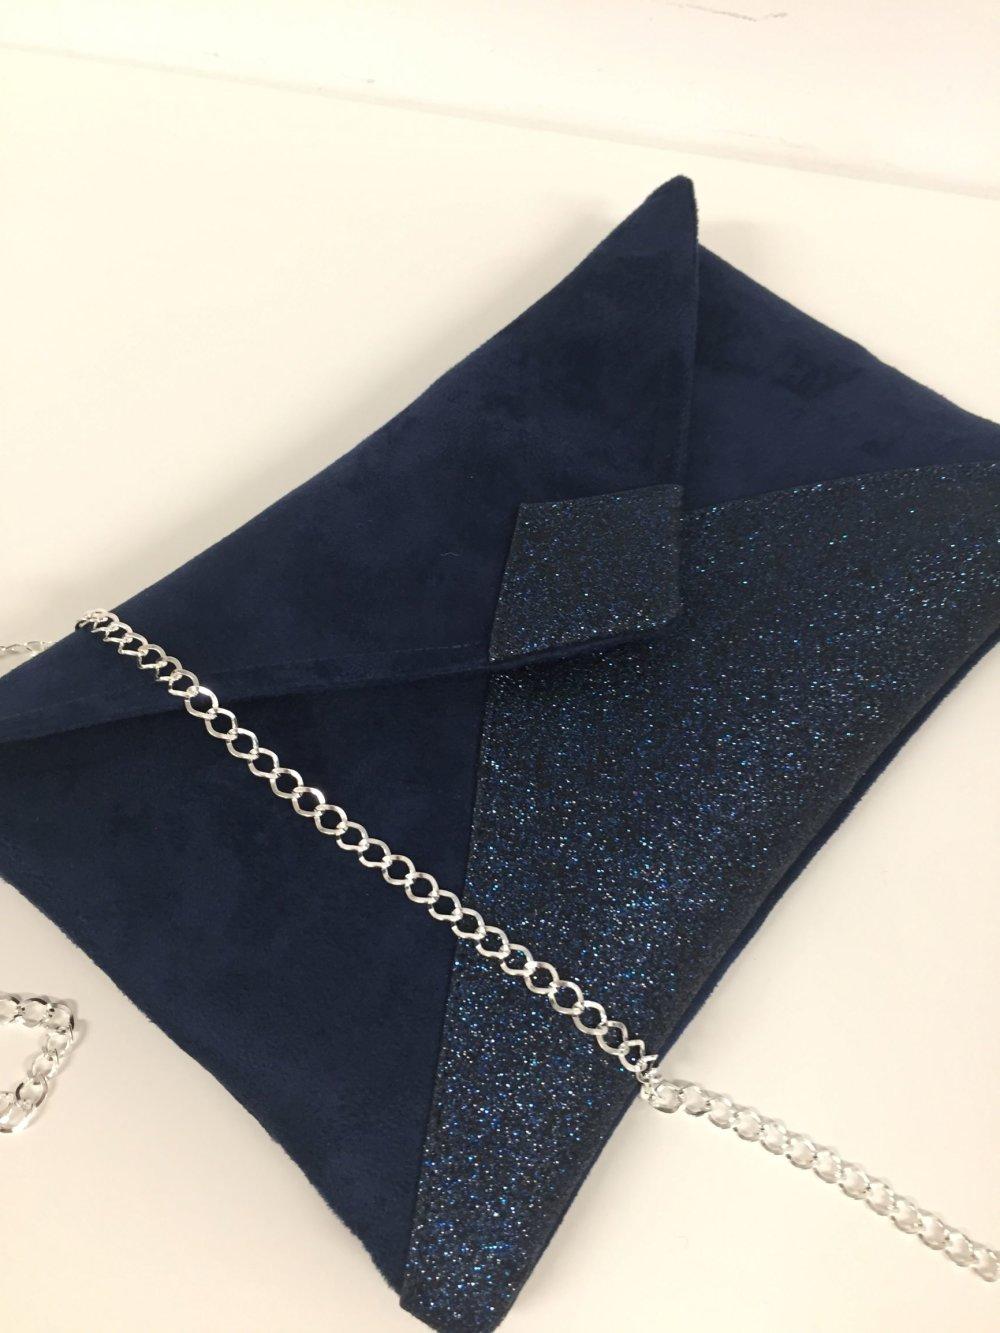 Pochette de soirée, mariage, bleu marine en suédine et paillettes, chaînette argentée amovible / Sac à main femme personnalisable